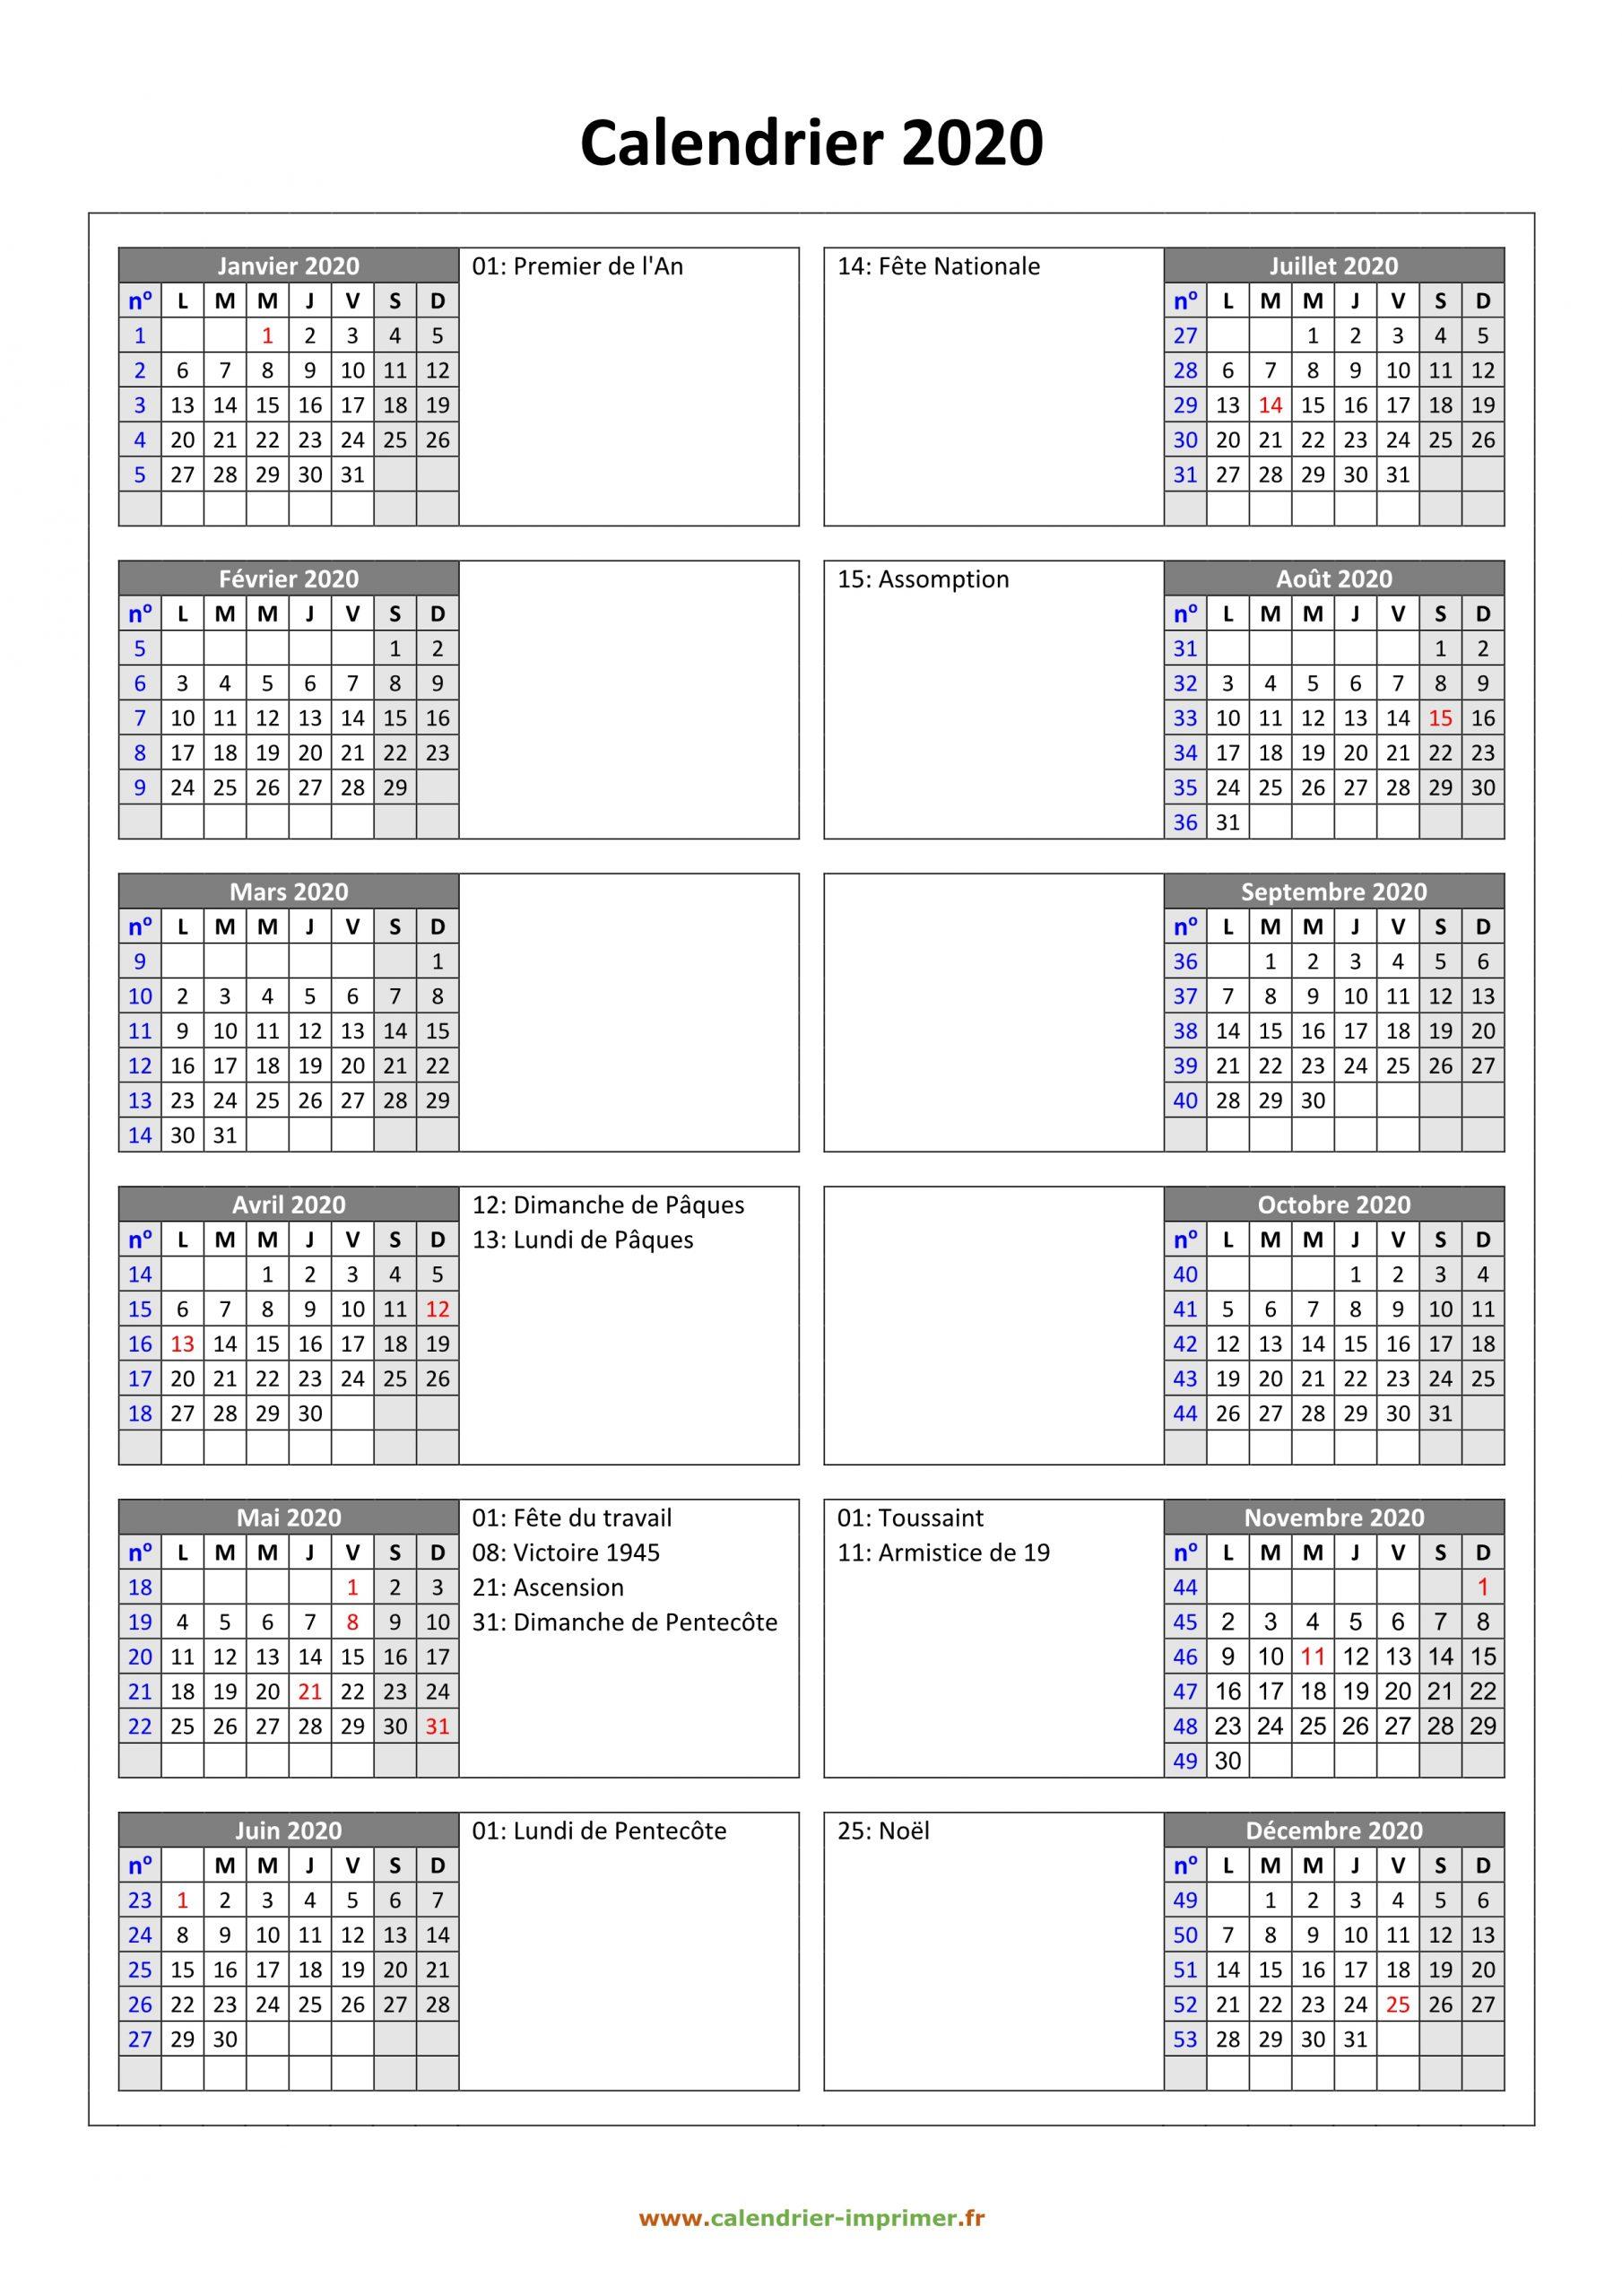 Calendrier 2020 À Imprimer Gratuit dedans Calendrier Annuel 2019 À Imprimer Gratuit